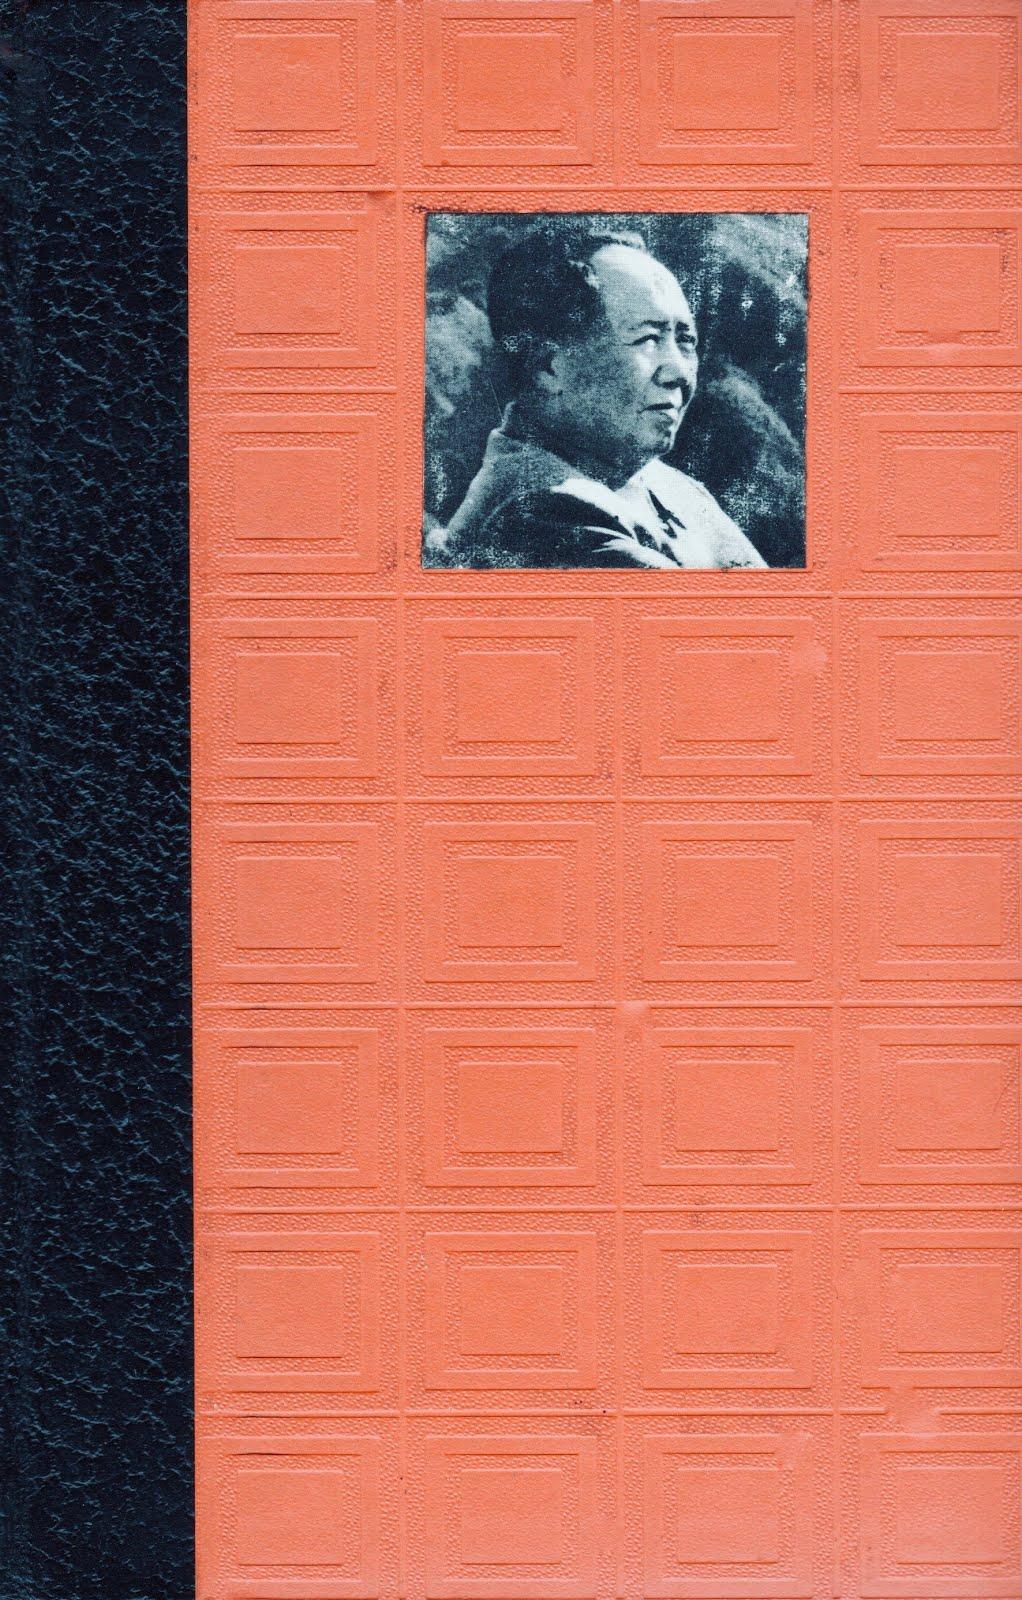 E. Krieg (Mao Tse-tung) El emperador rojo de Pekín